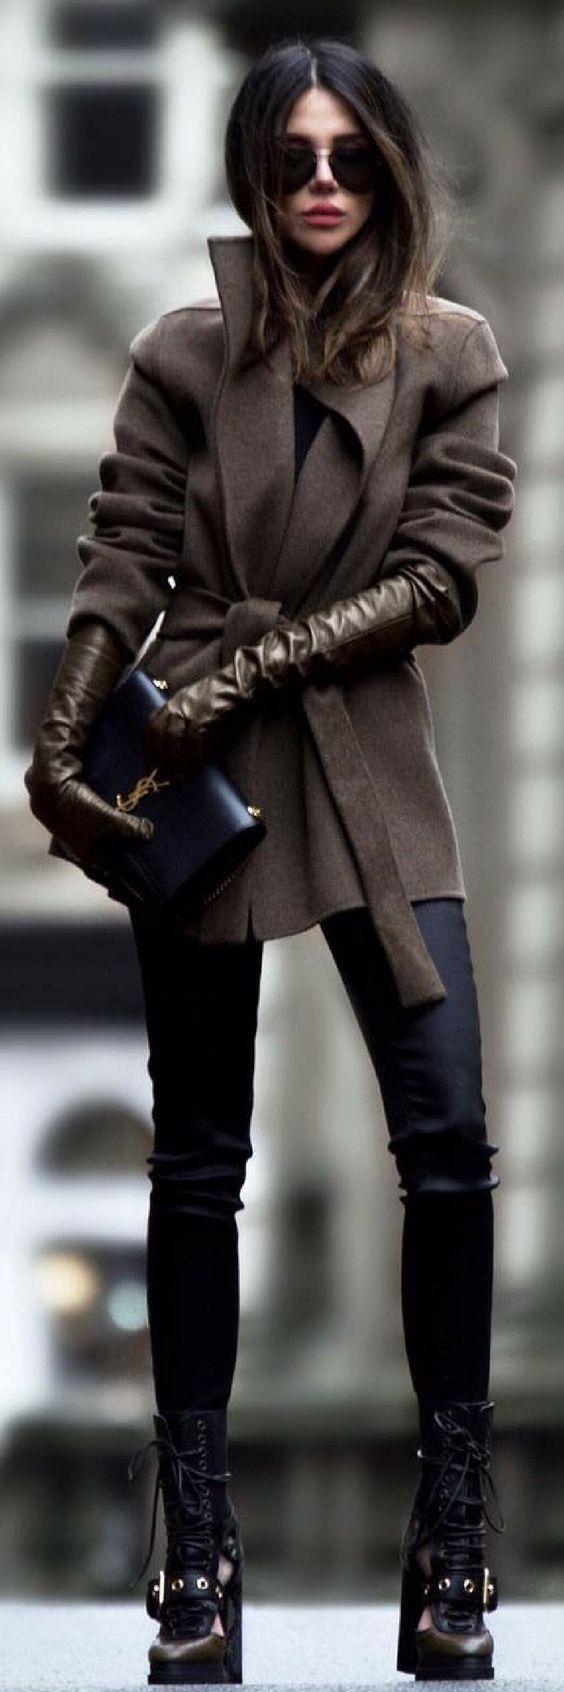 Tenues D'hiver, Style D'Hiver, Mode De Blogger, Style De Blogueur, Tenue D'Hiver Mignonne …